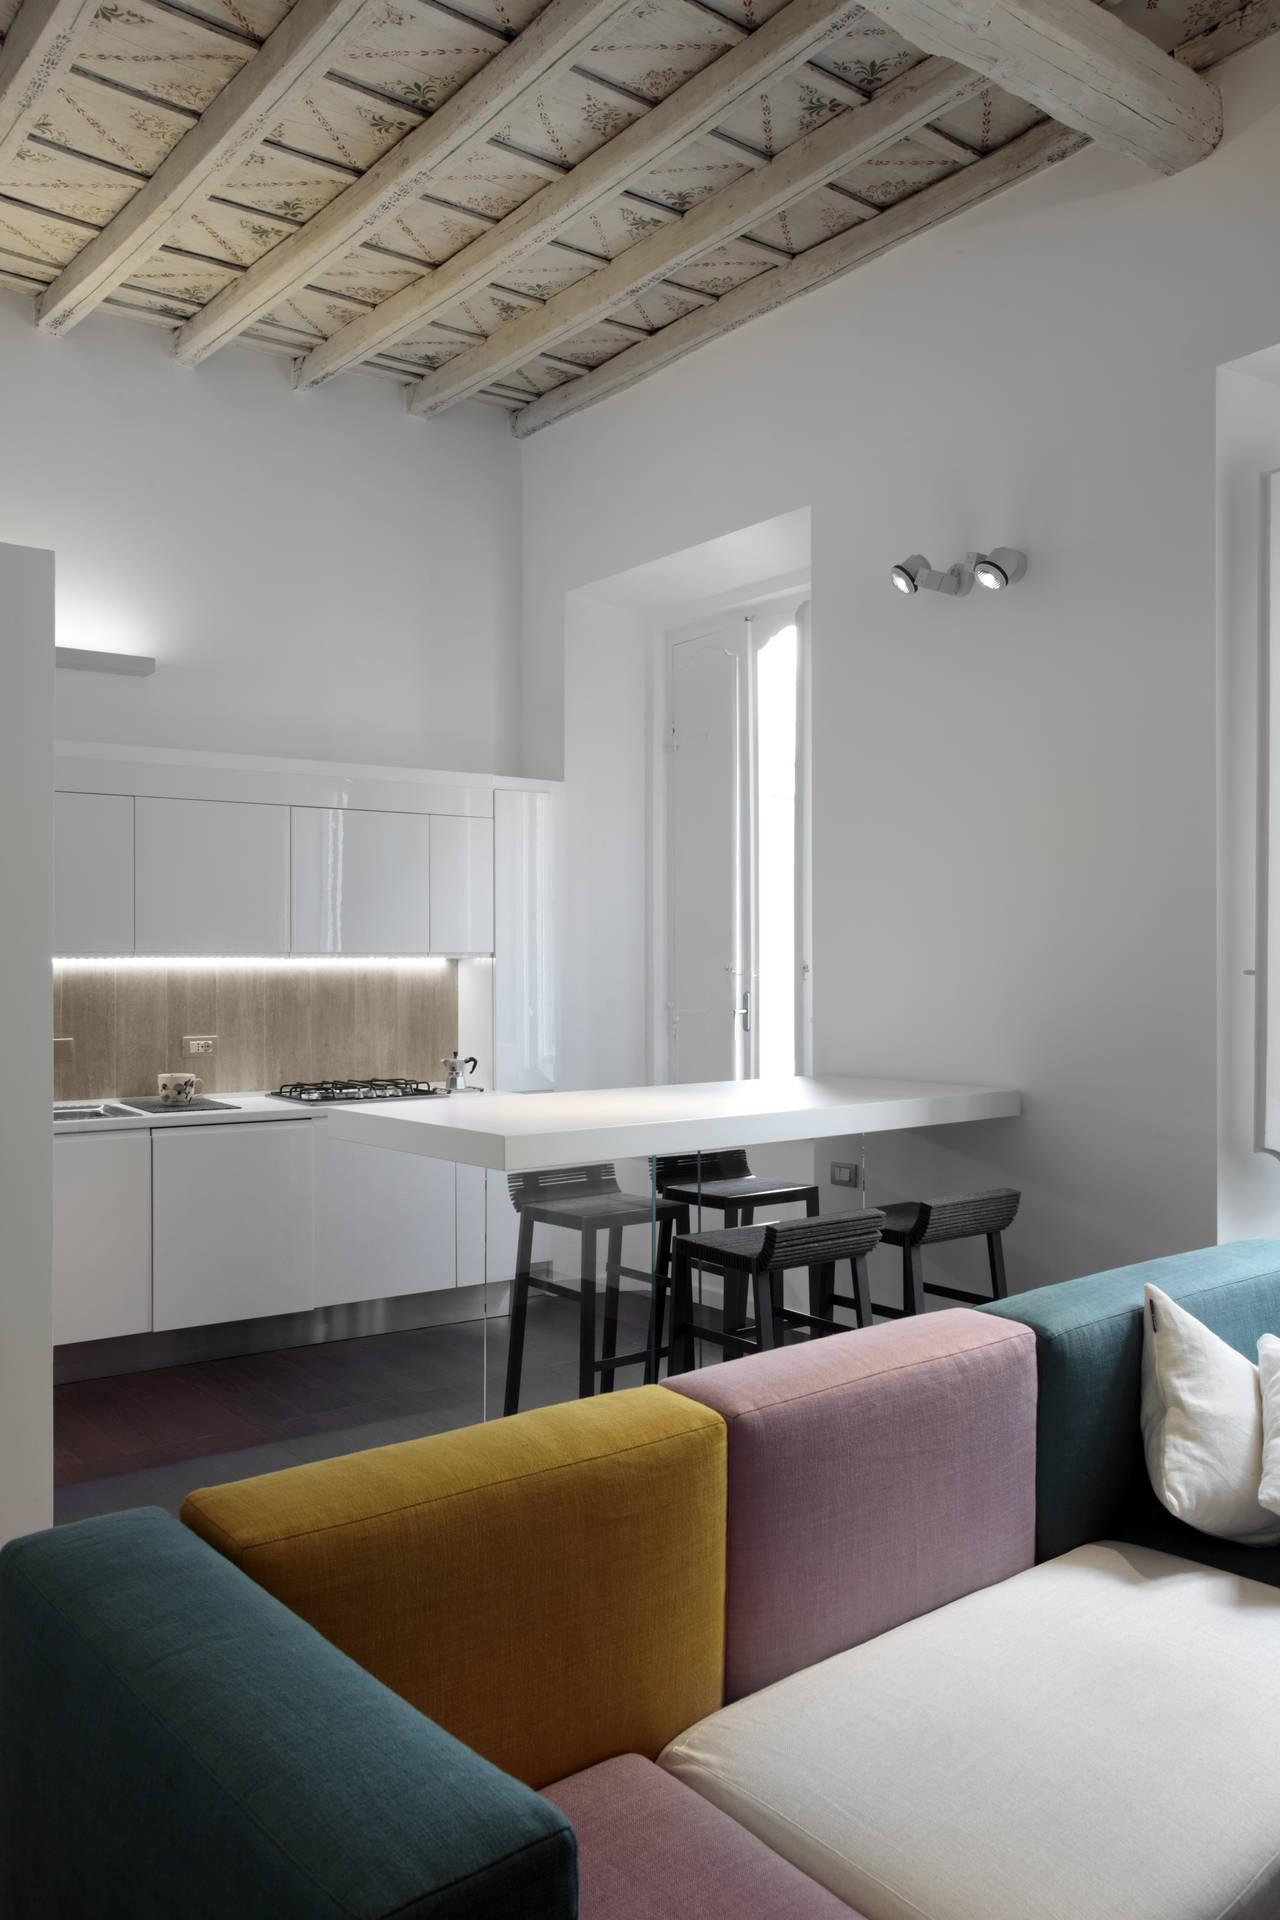 Appartamento minimal e barocco a roma for Appartamento new design roma lorenz